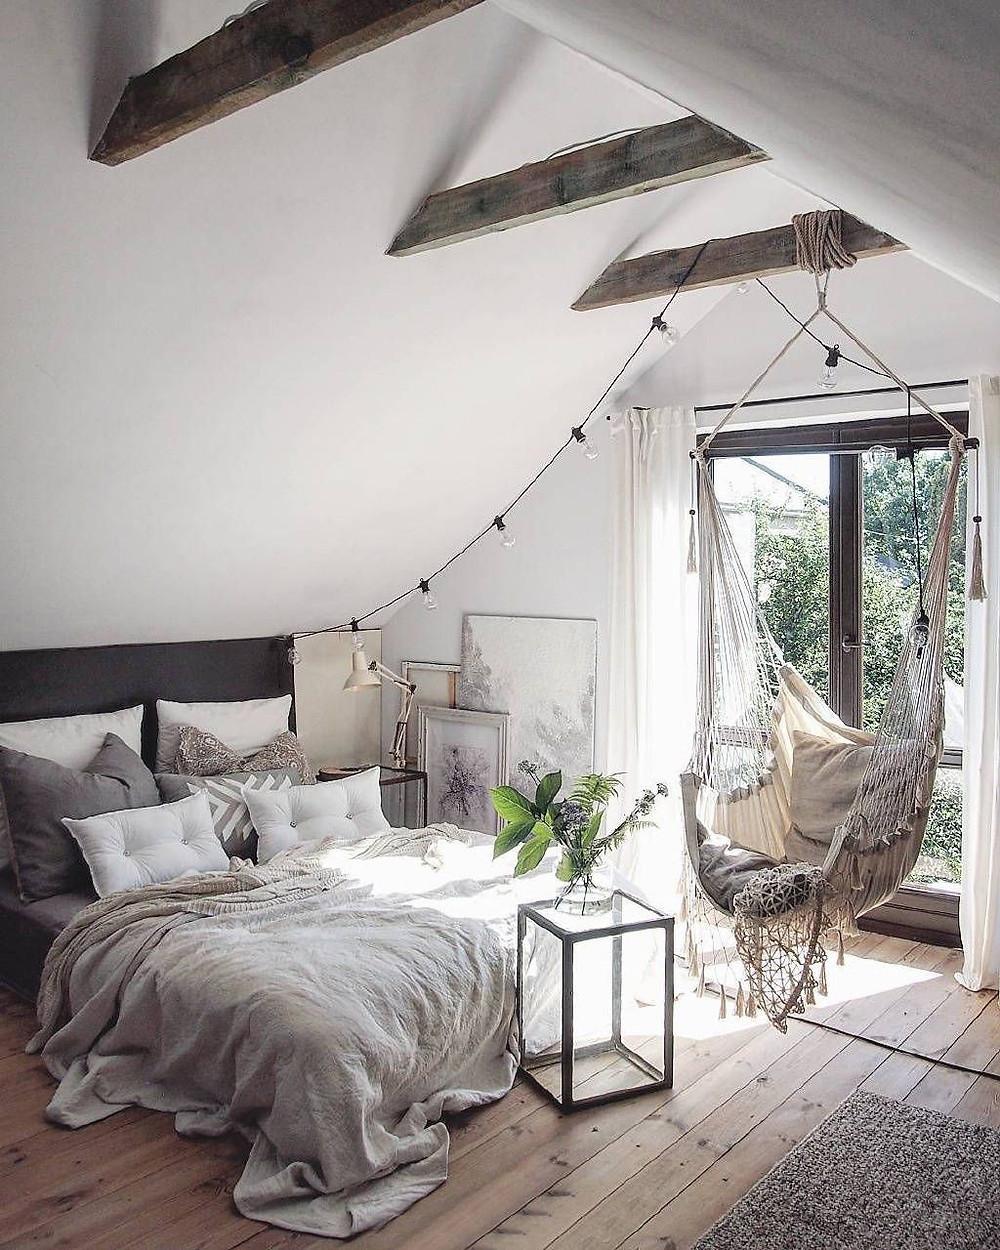 Harjakattoisessa makuuhuoneessa on boheemi tunnelma. Tummat puiset kattopalkit on jätetty näkymään. Palkista roikkuu valkoinen riipputuoli. Kolme taulua on jätetty seinää vasten sommitelmaksi.